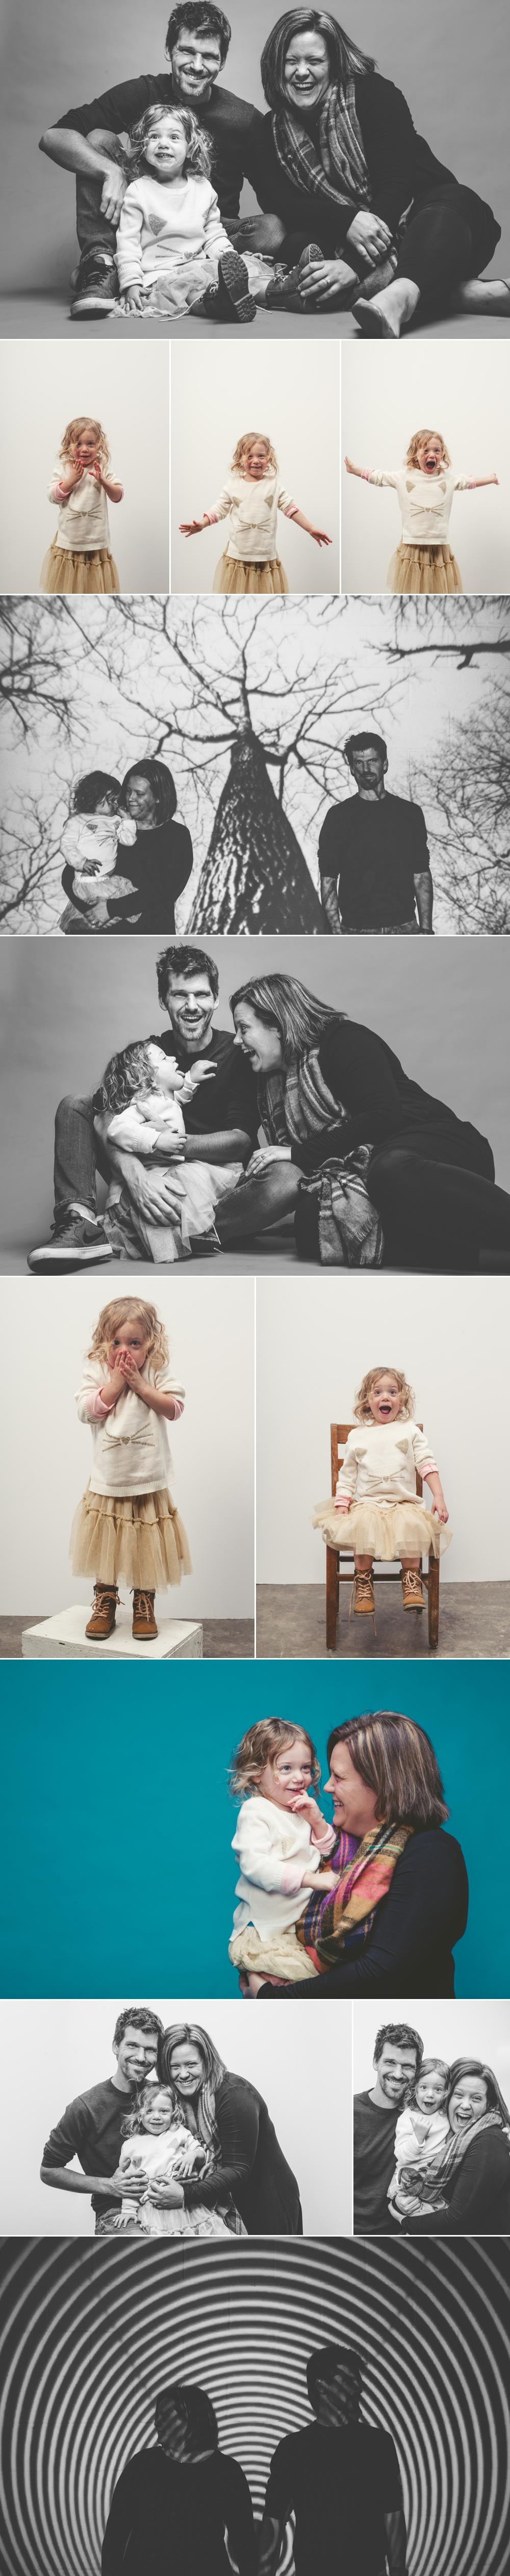 jason_domingues_photography_best_kansas_city_photographer_kc_family_portrait_studio_session.JPG